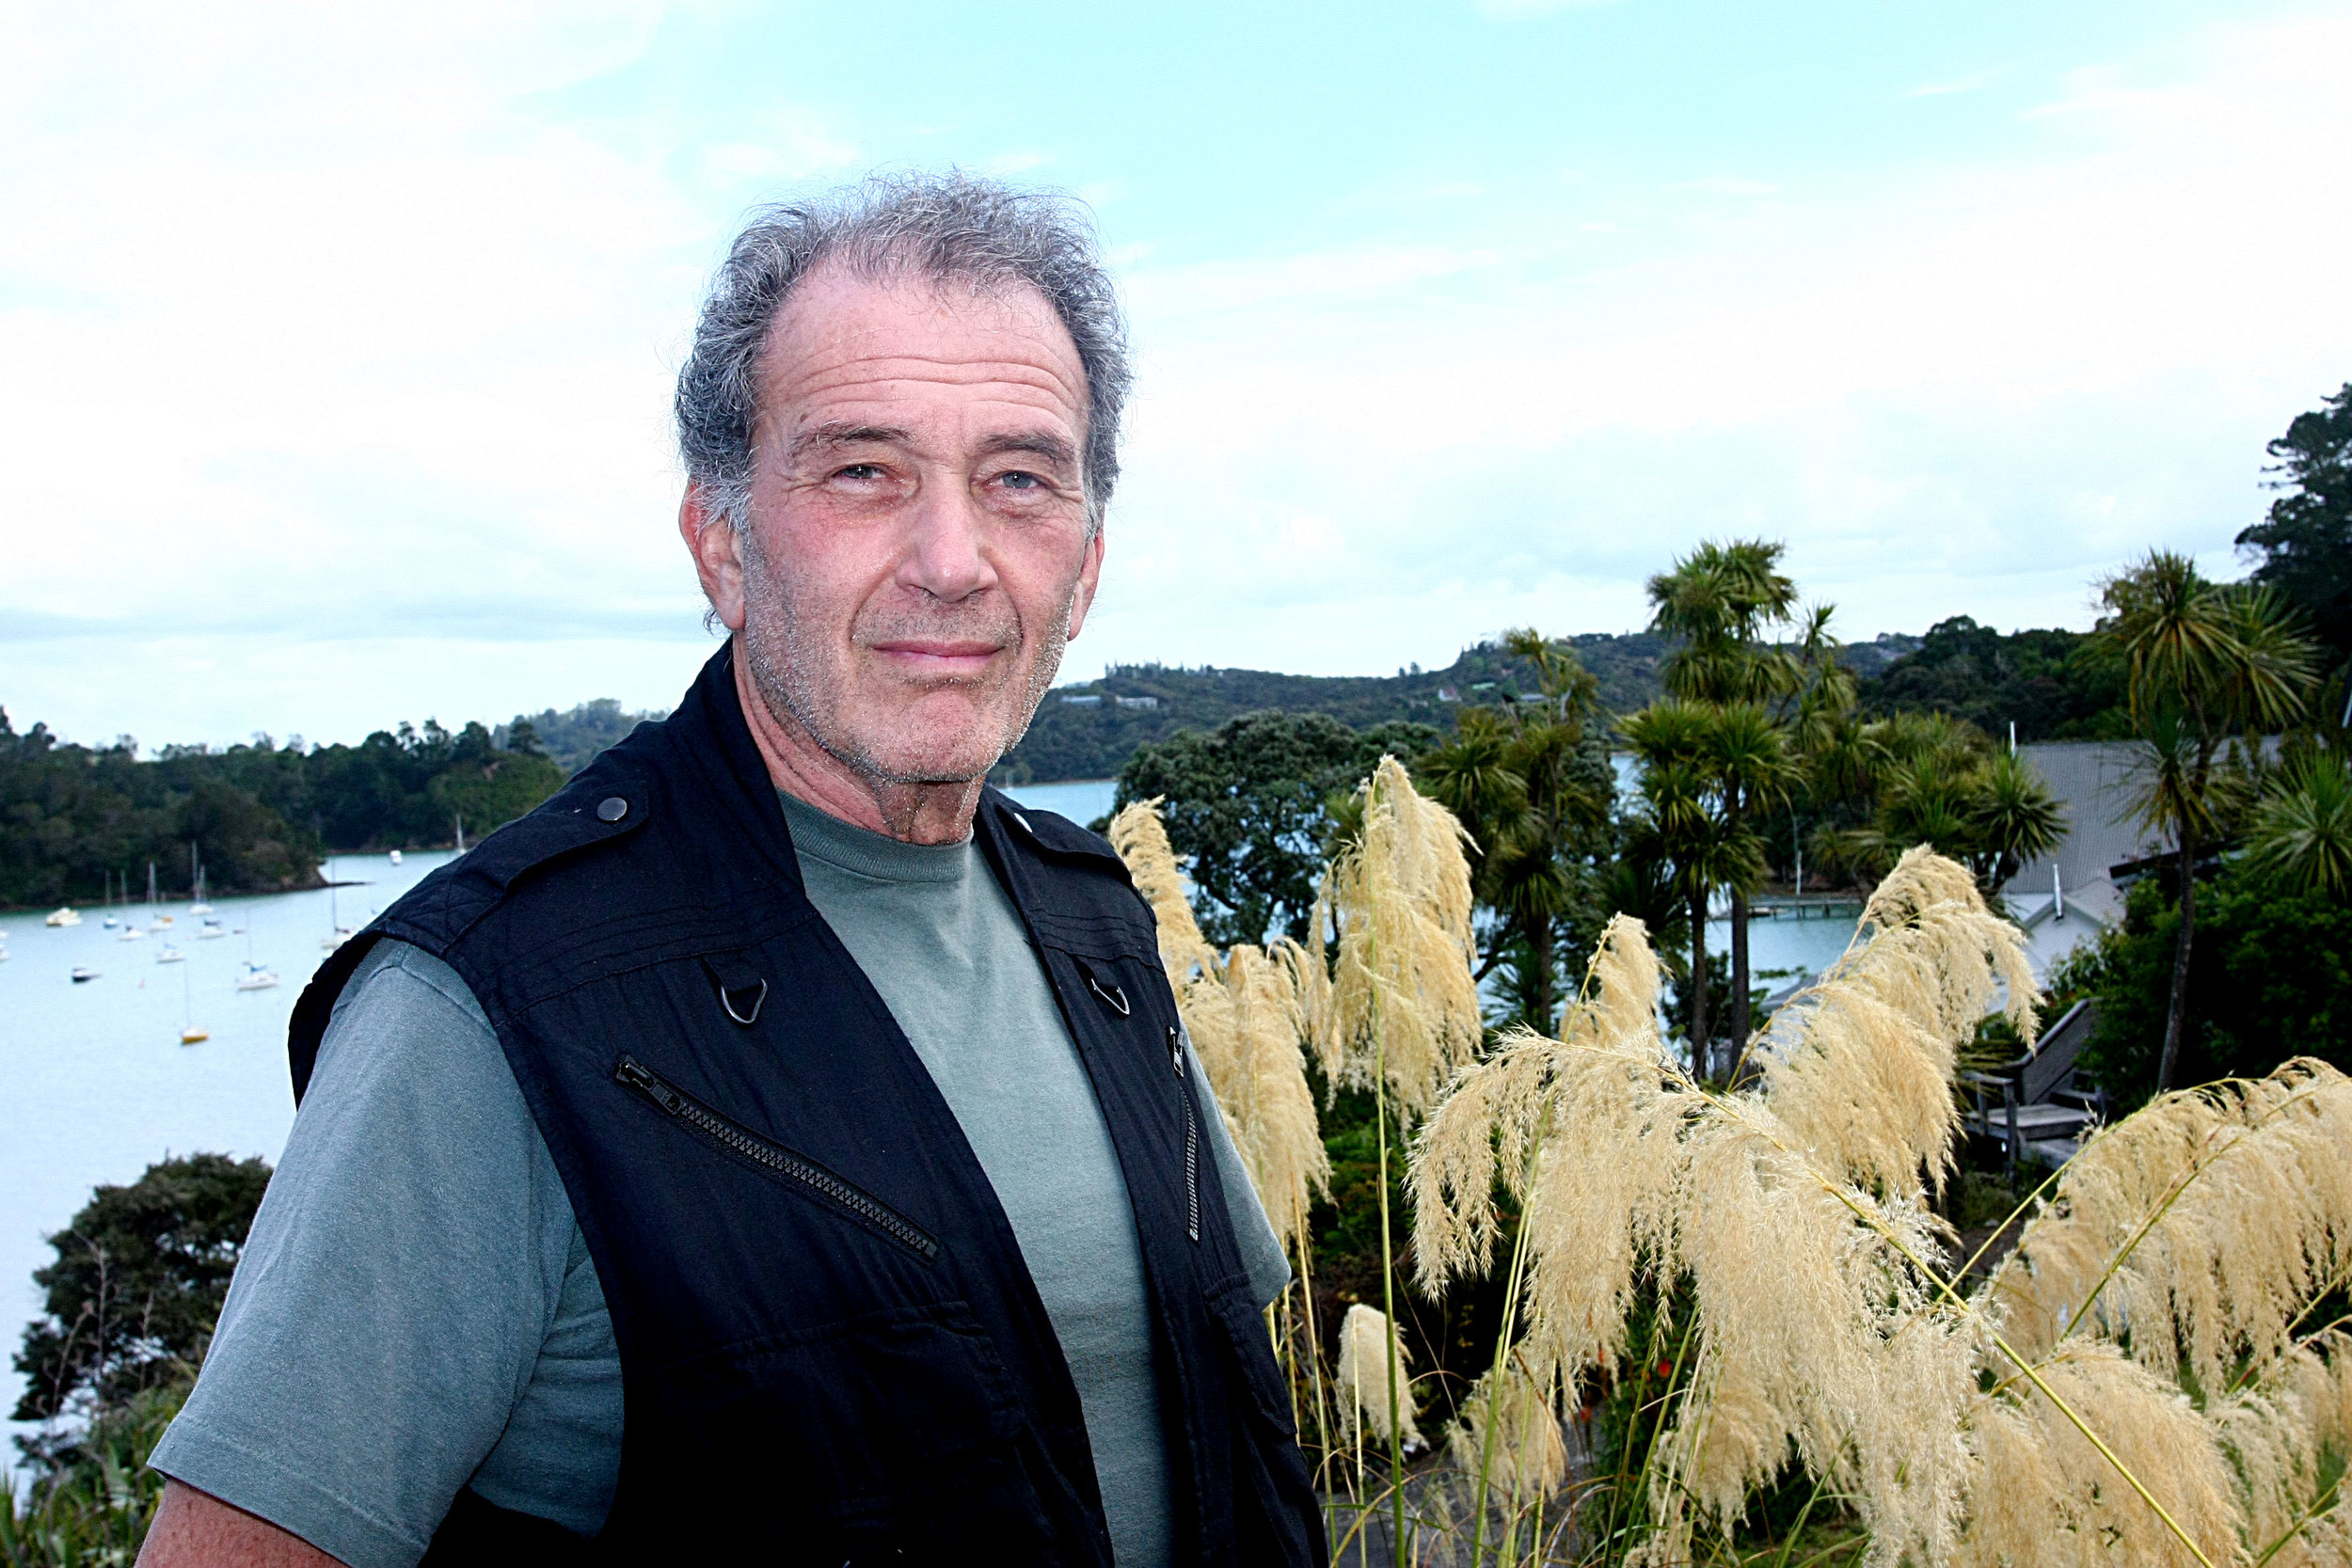 Joel Lefkowitz